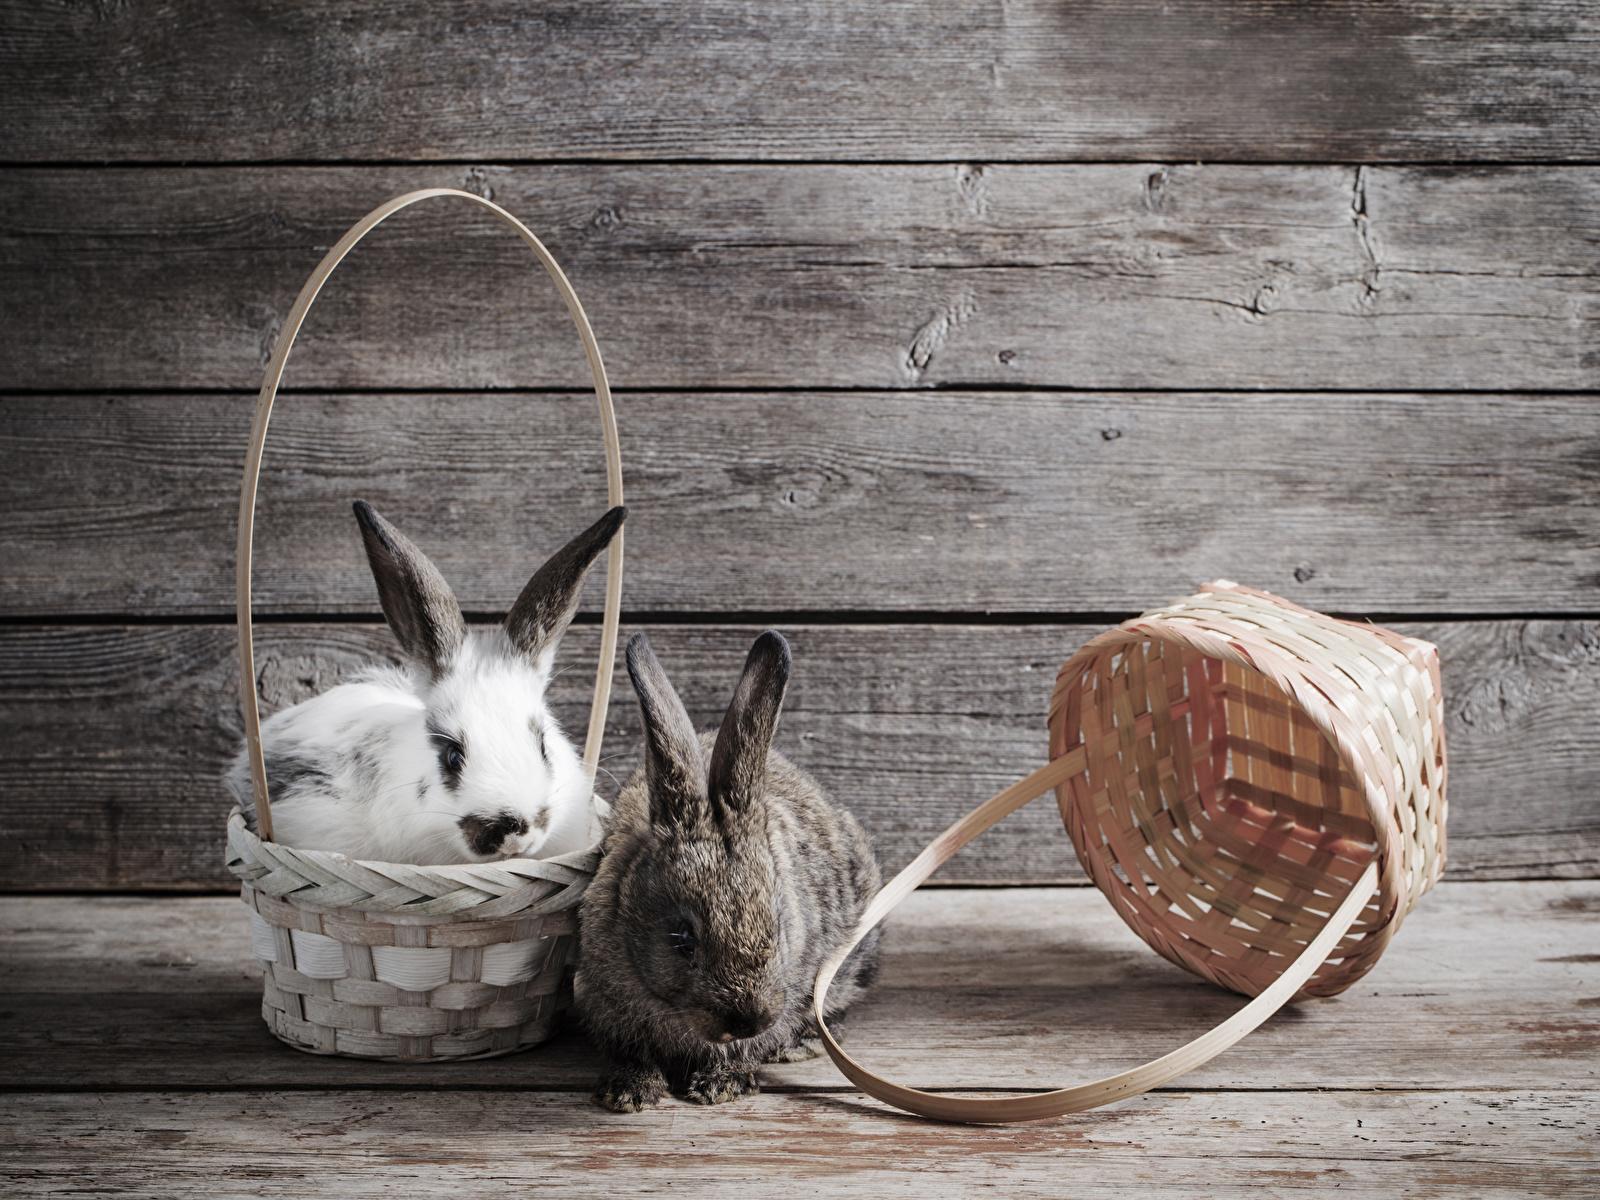 Фото Кролики две Корзина Стена животное Доски 1600x1200 кролик 2 два Двое вдвоем корзины Корзинка стене стены стенка Животные